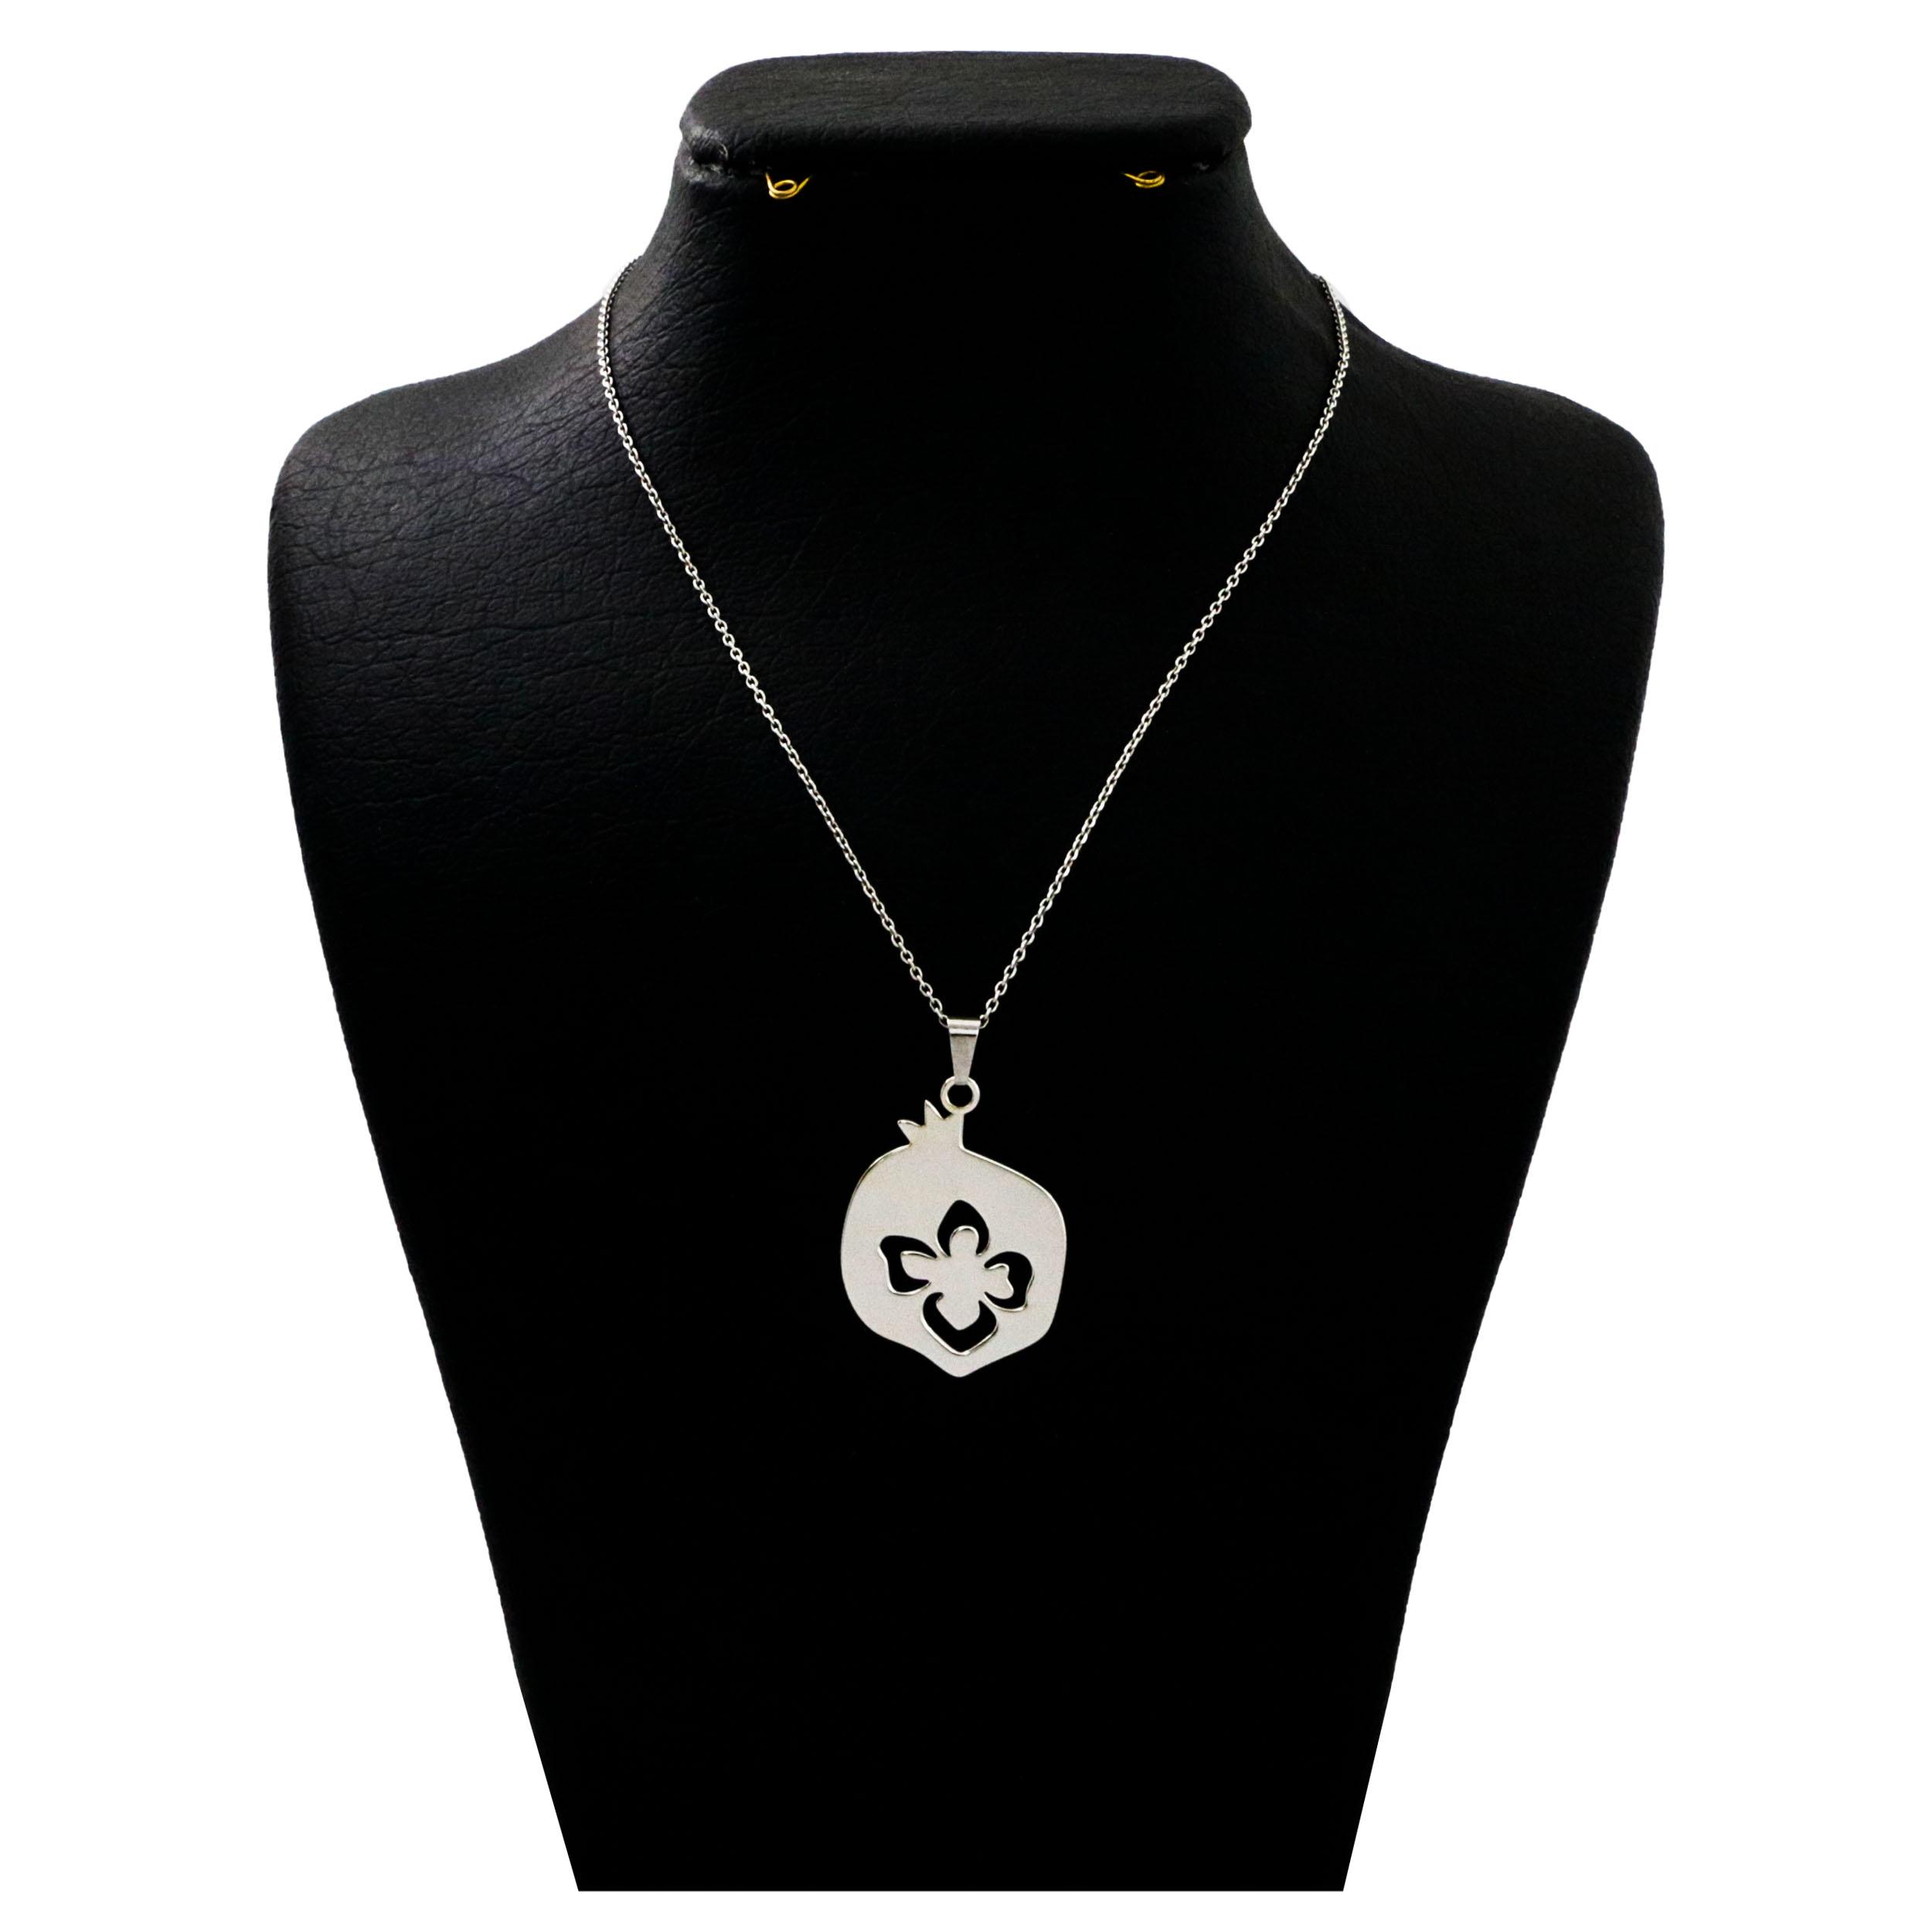 گردنبند نقره زنانه  دلی جم طرح انار کد D 392